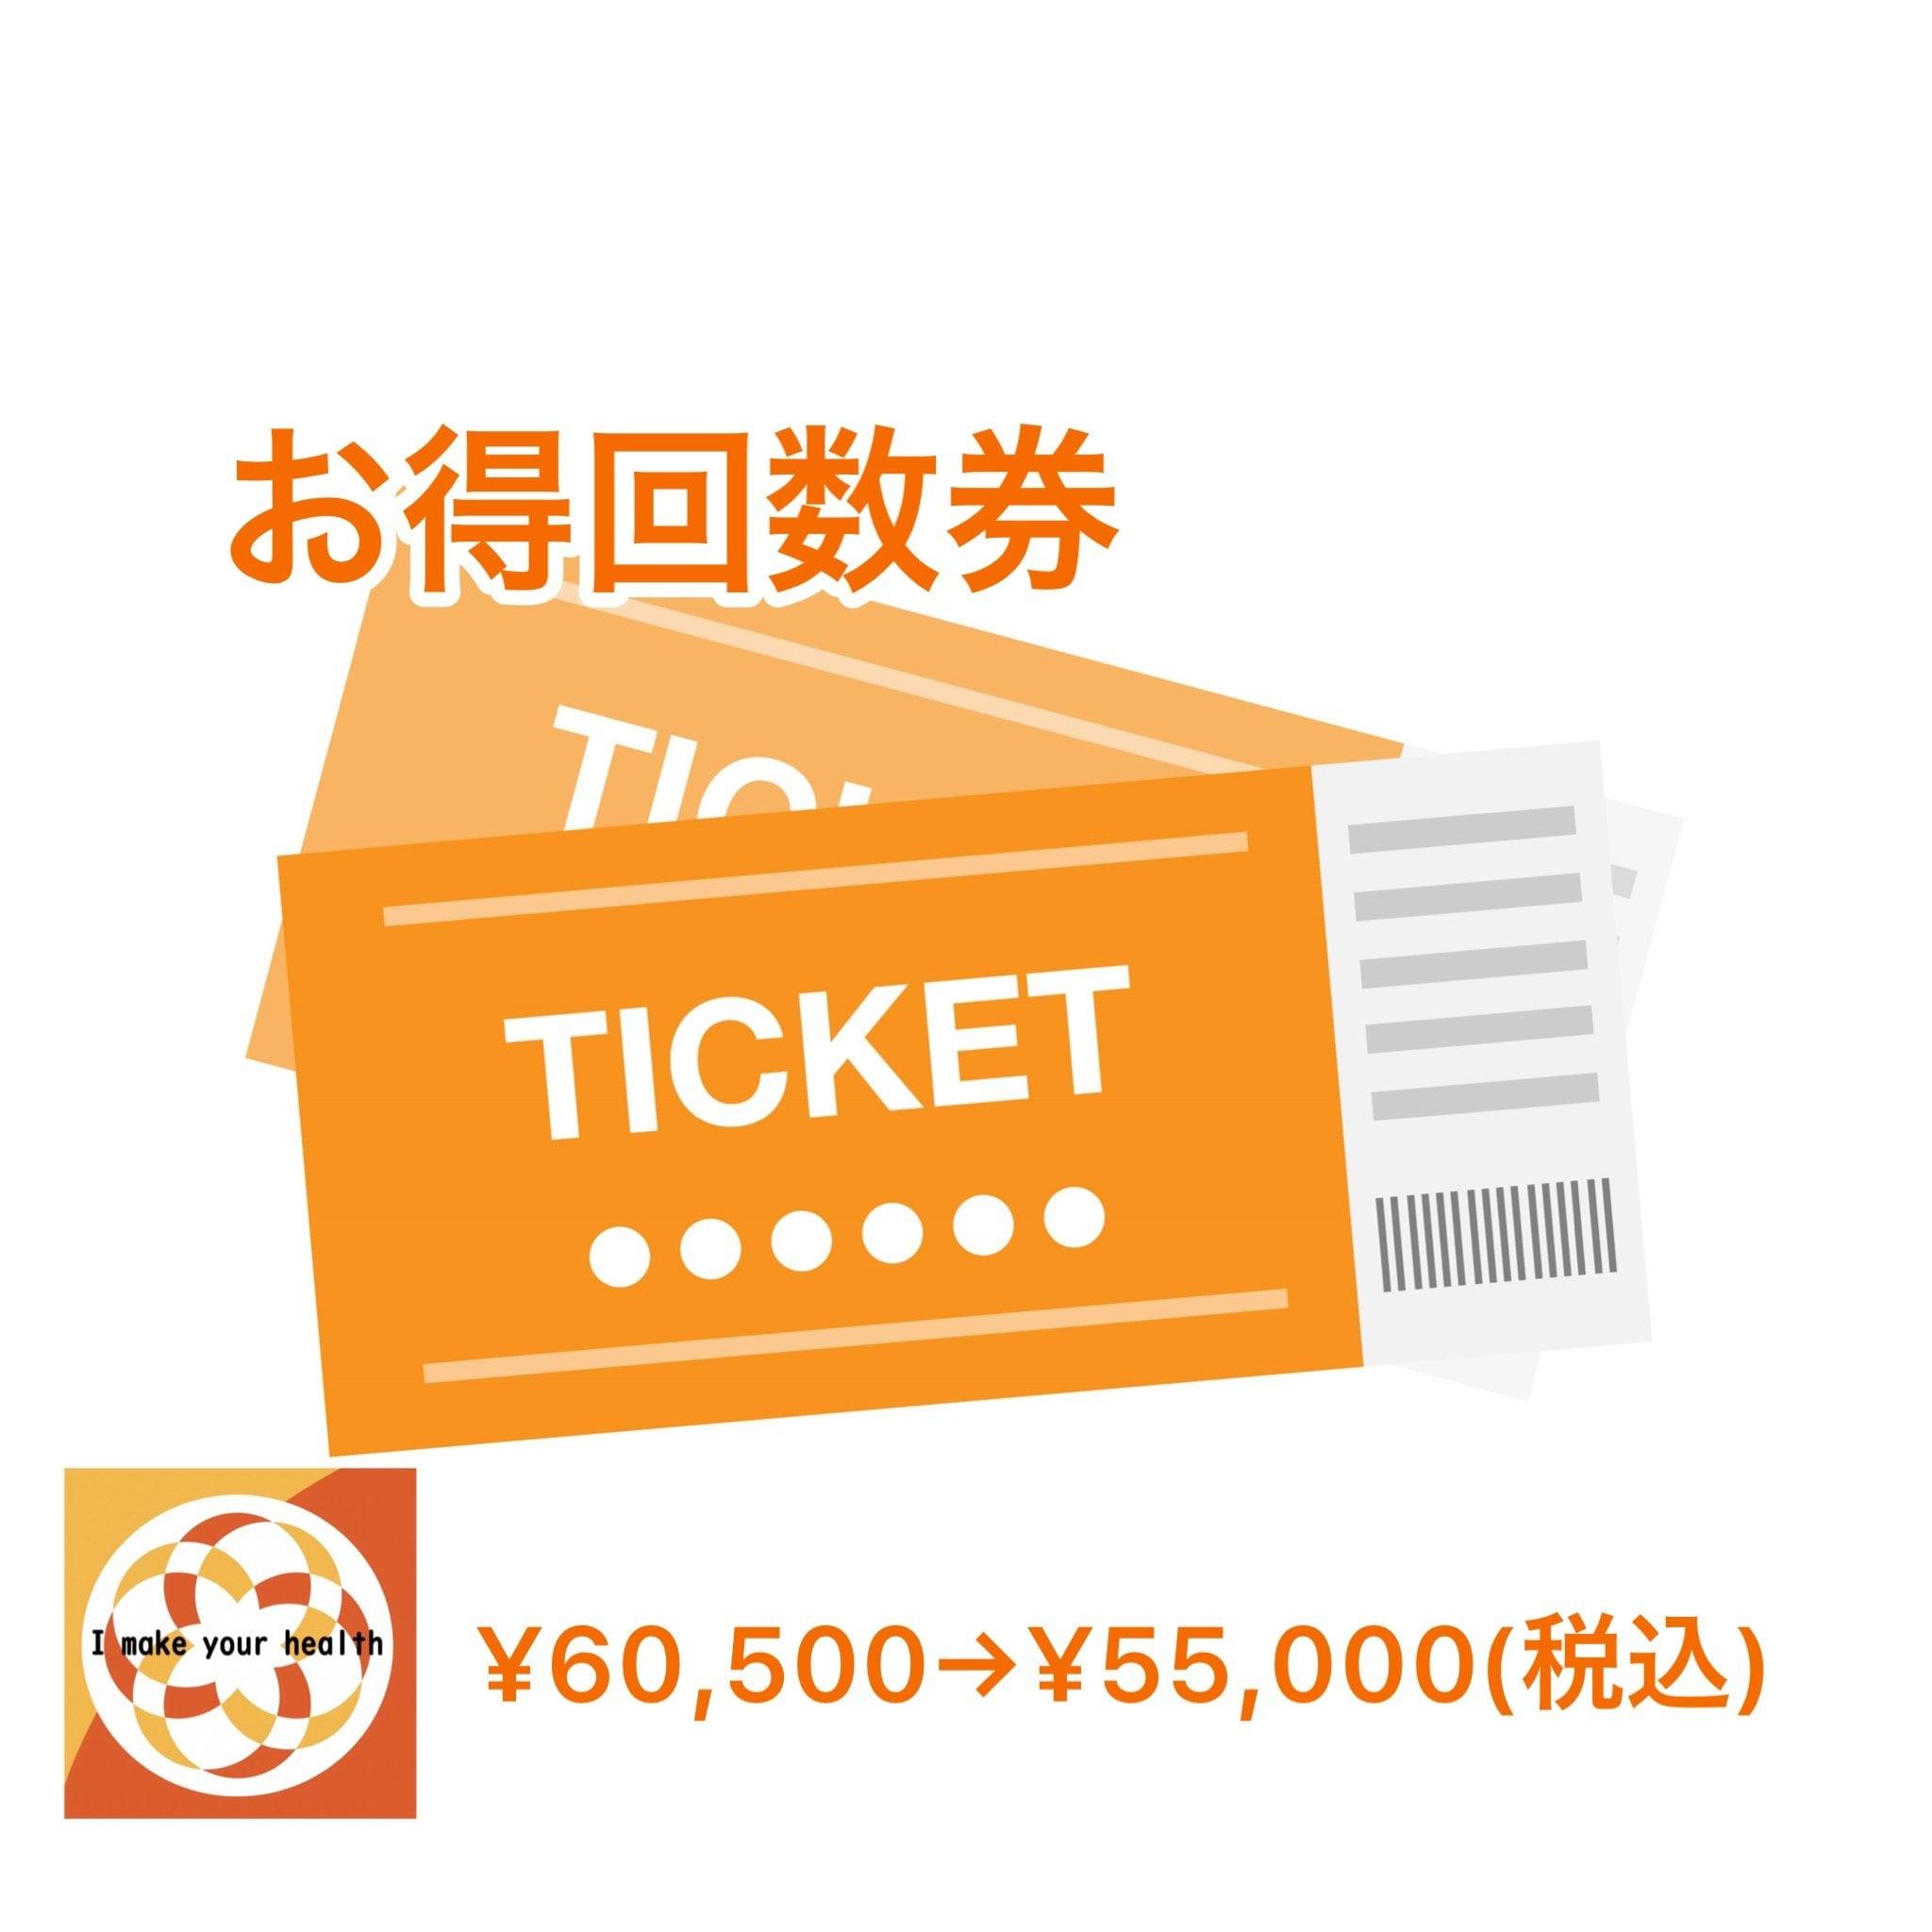 ◆現地払い限定チケット◆みやざと整体院回数券のイメージその1